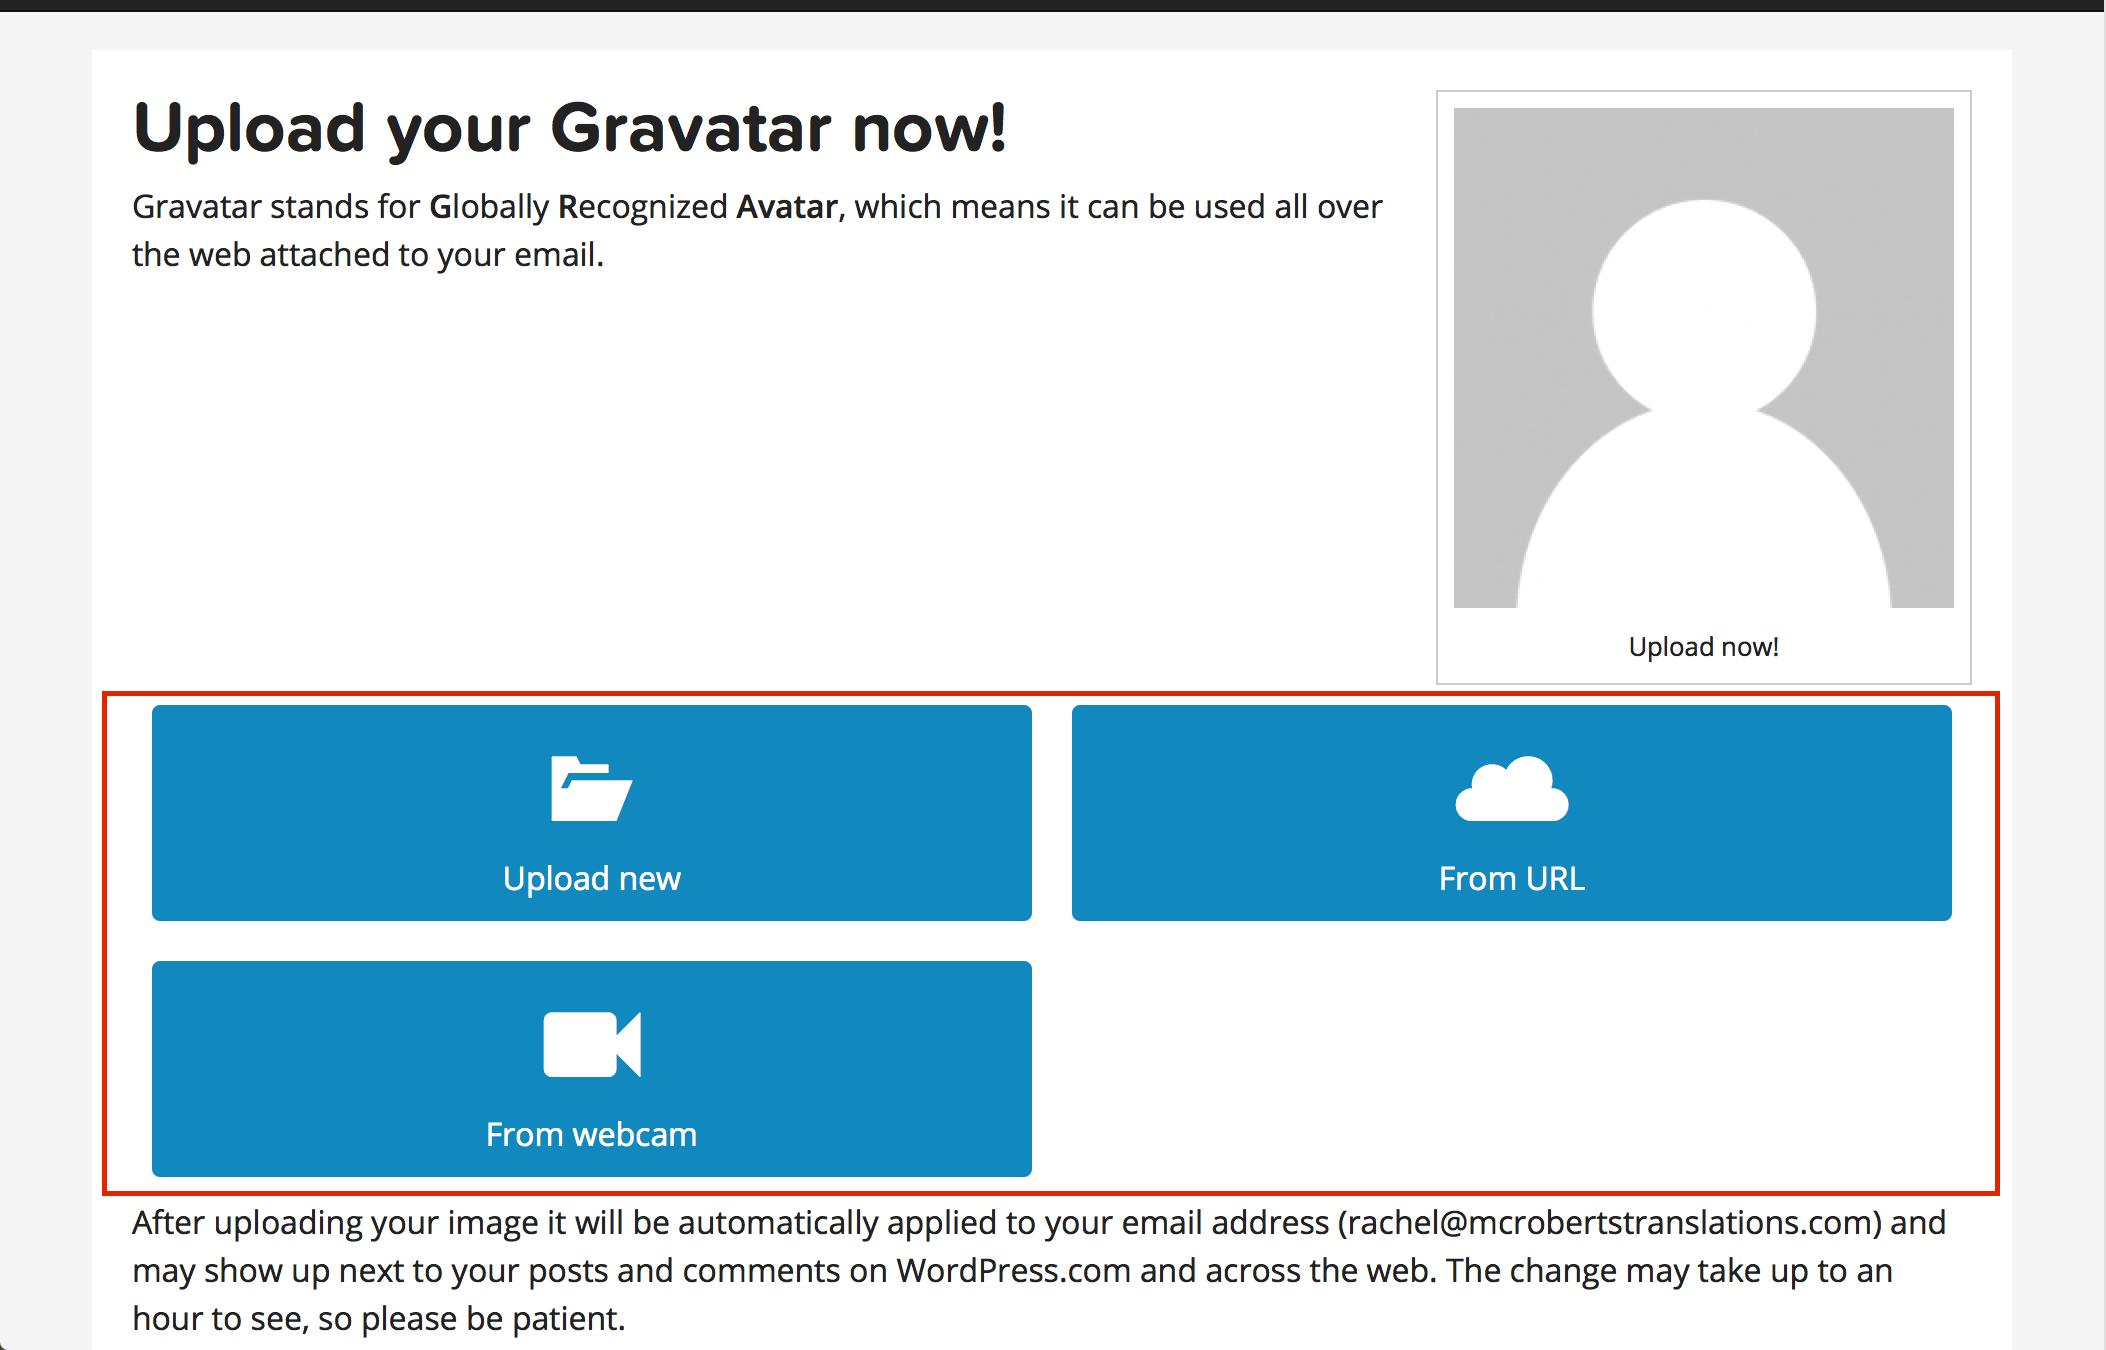 Carica il tuo Gravatar ora